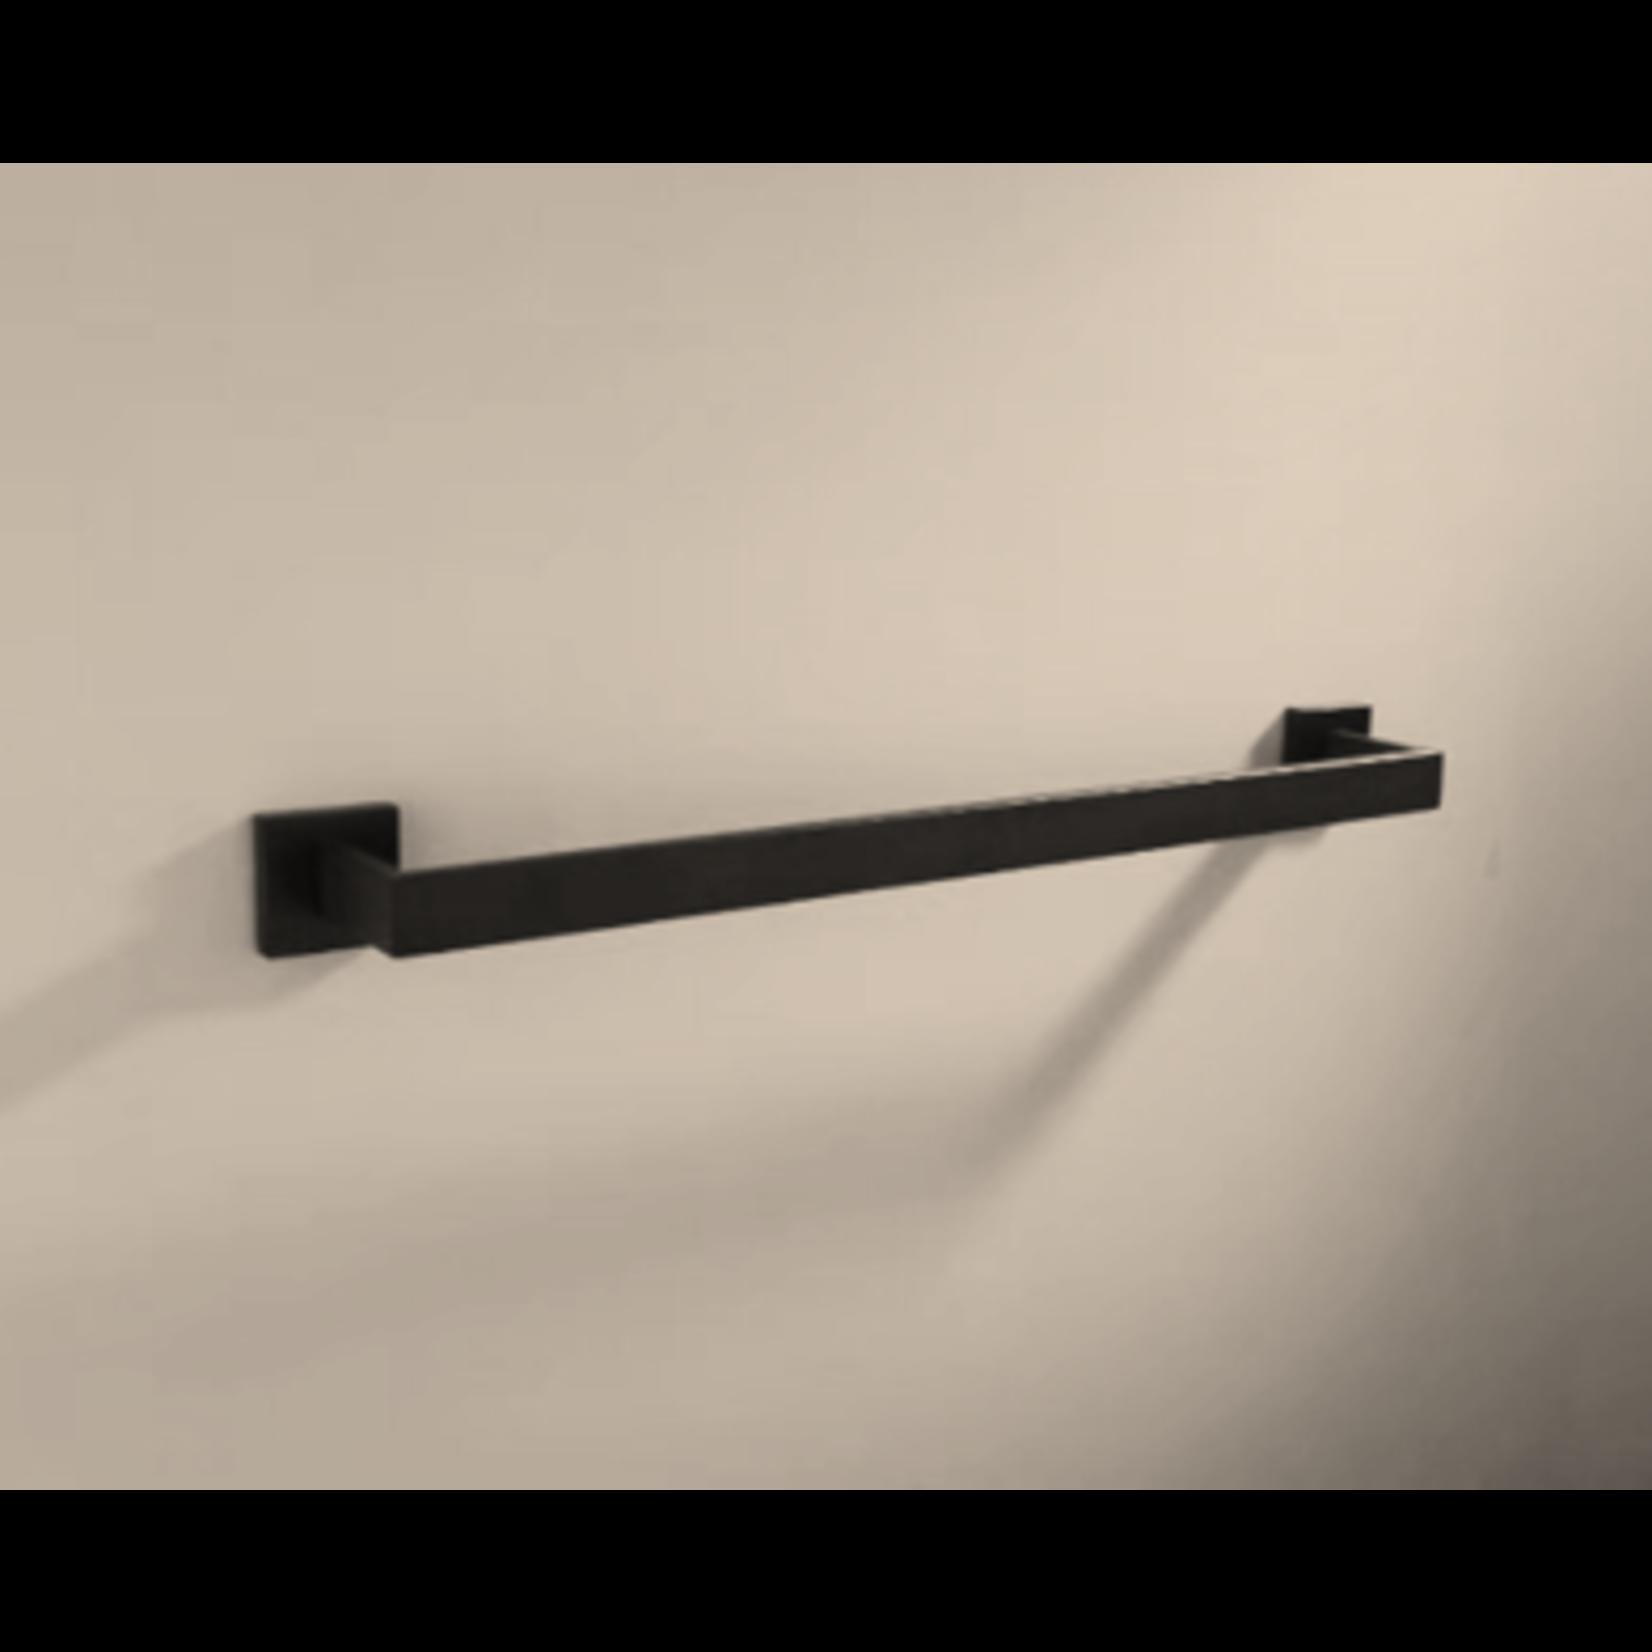 Barre a serviette simple 24'' noir MN-7001-11